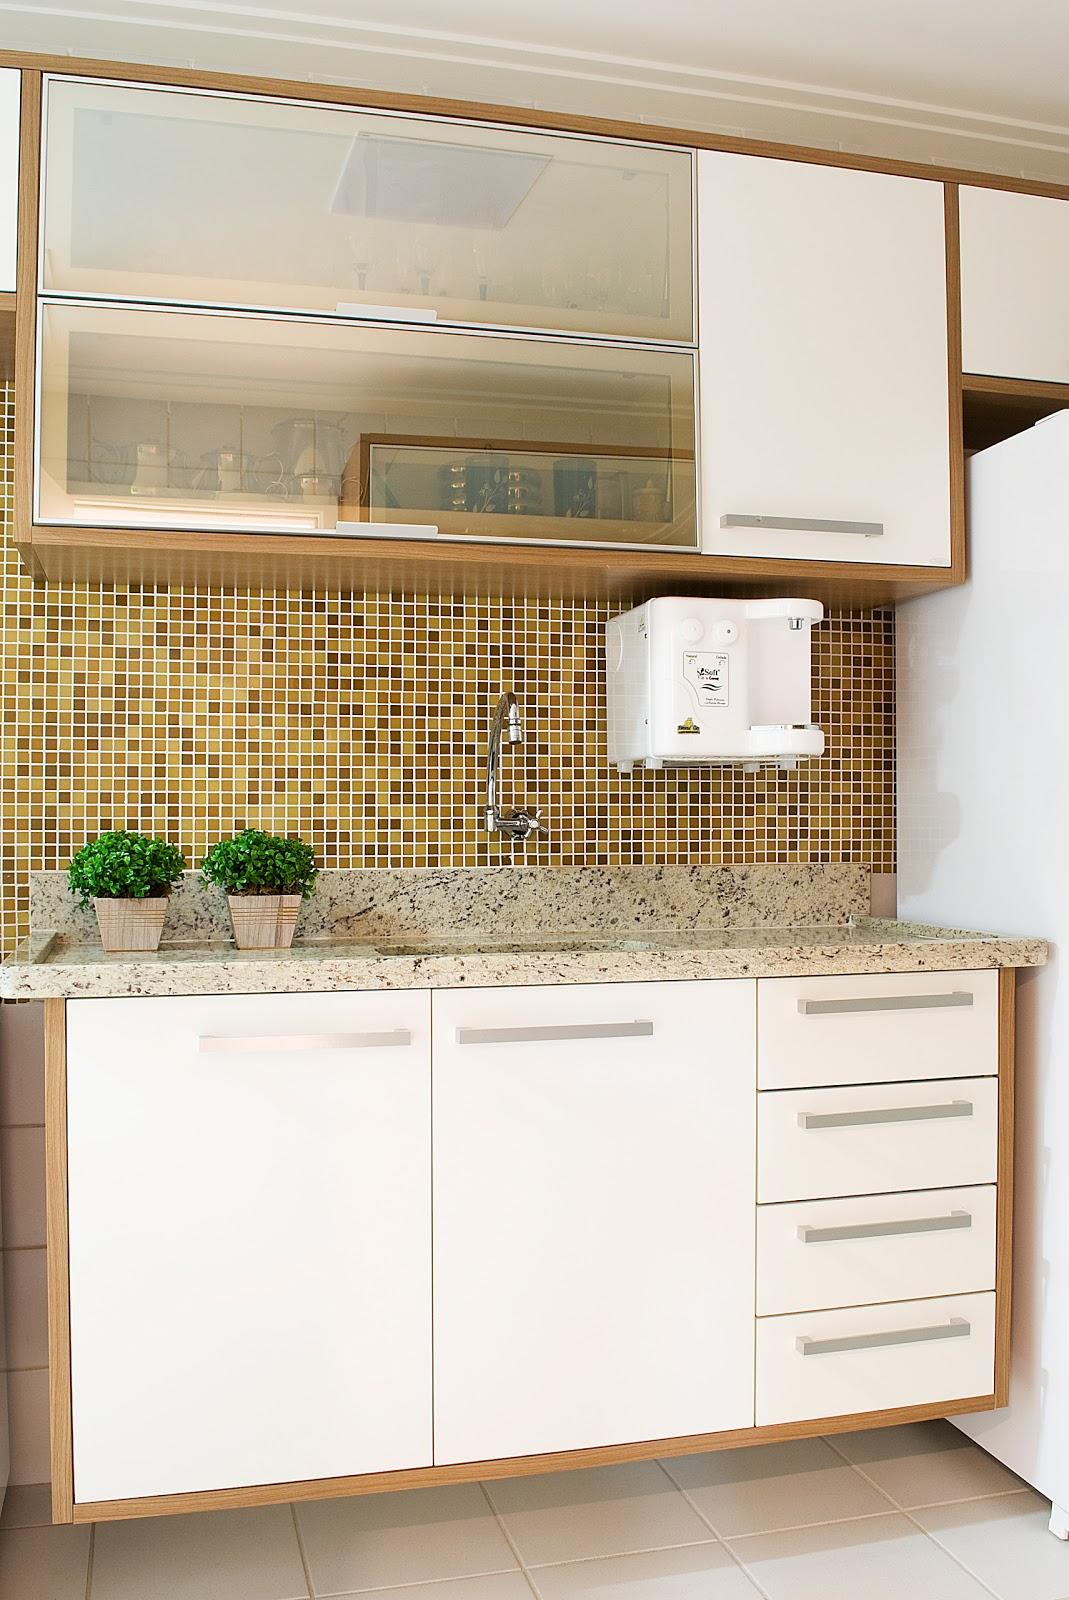 #386D24 Cozinha compacta 1069x1600 px Armário De Cozinha Compacta #1913 imagens